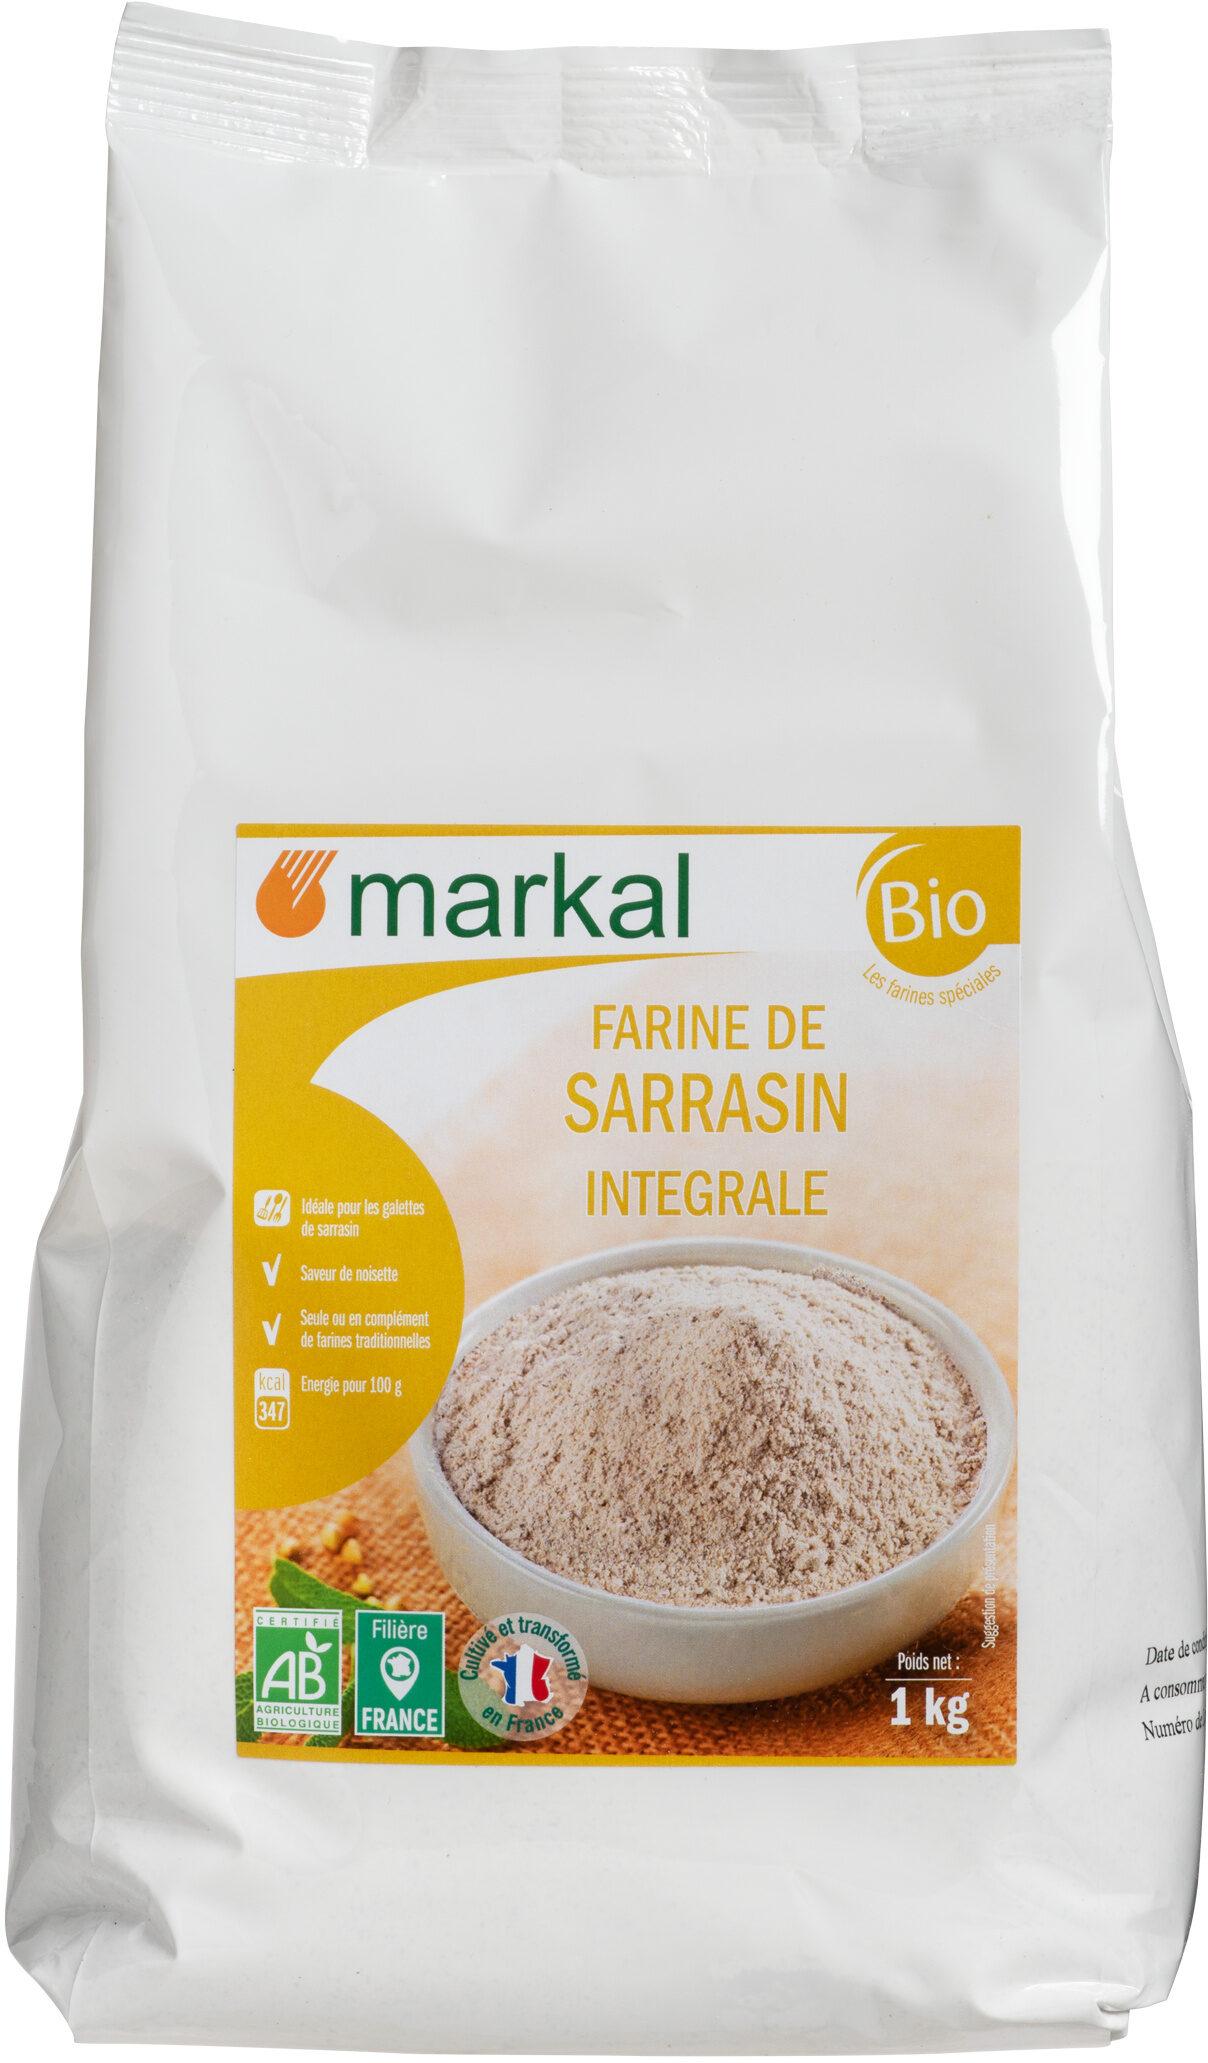 Farine de sarrasin intégrale - Product - fr